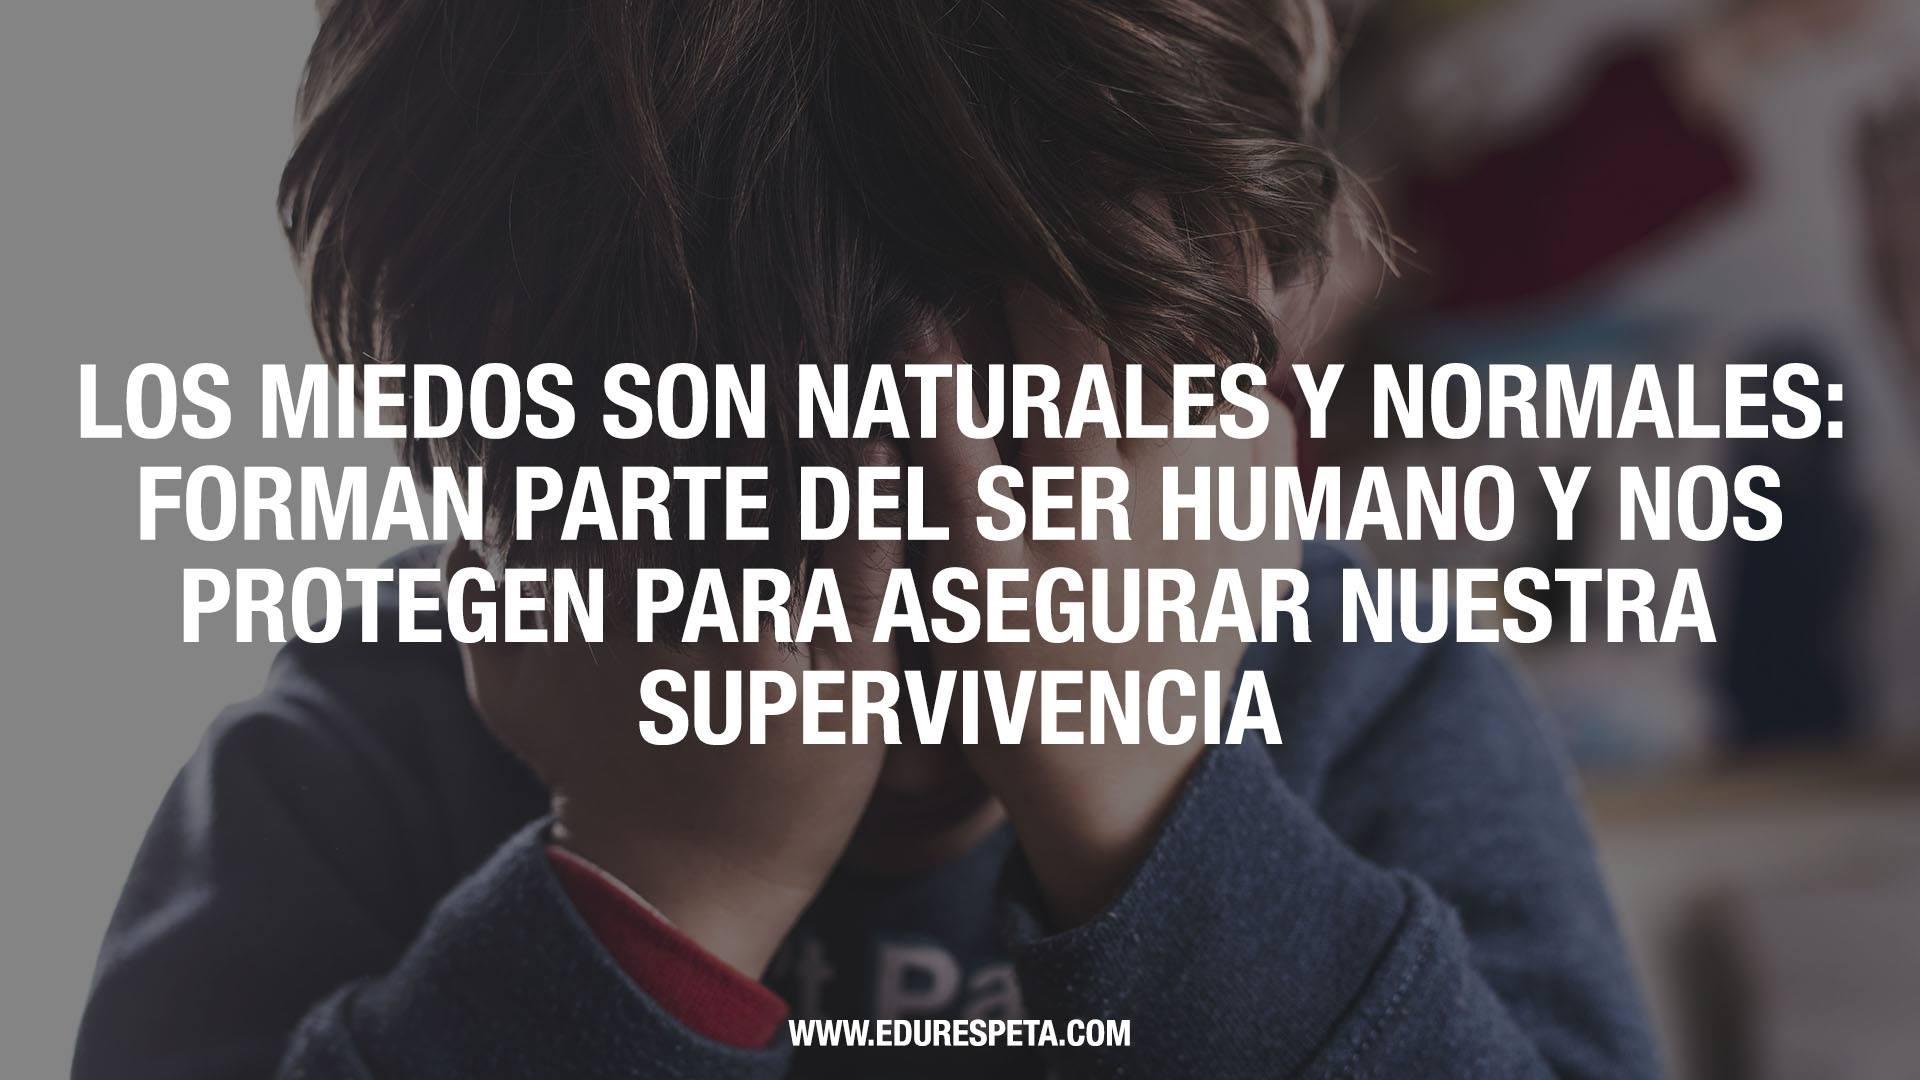 Los miedos son naturales y normales: forman parte del ser humano y nos protegen para asegurar nuestra supervivencia